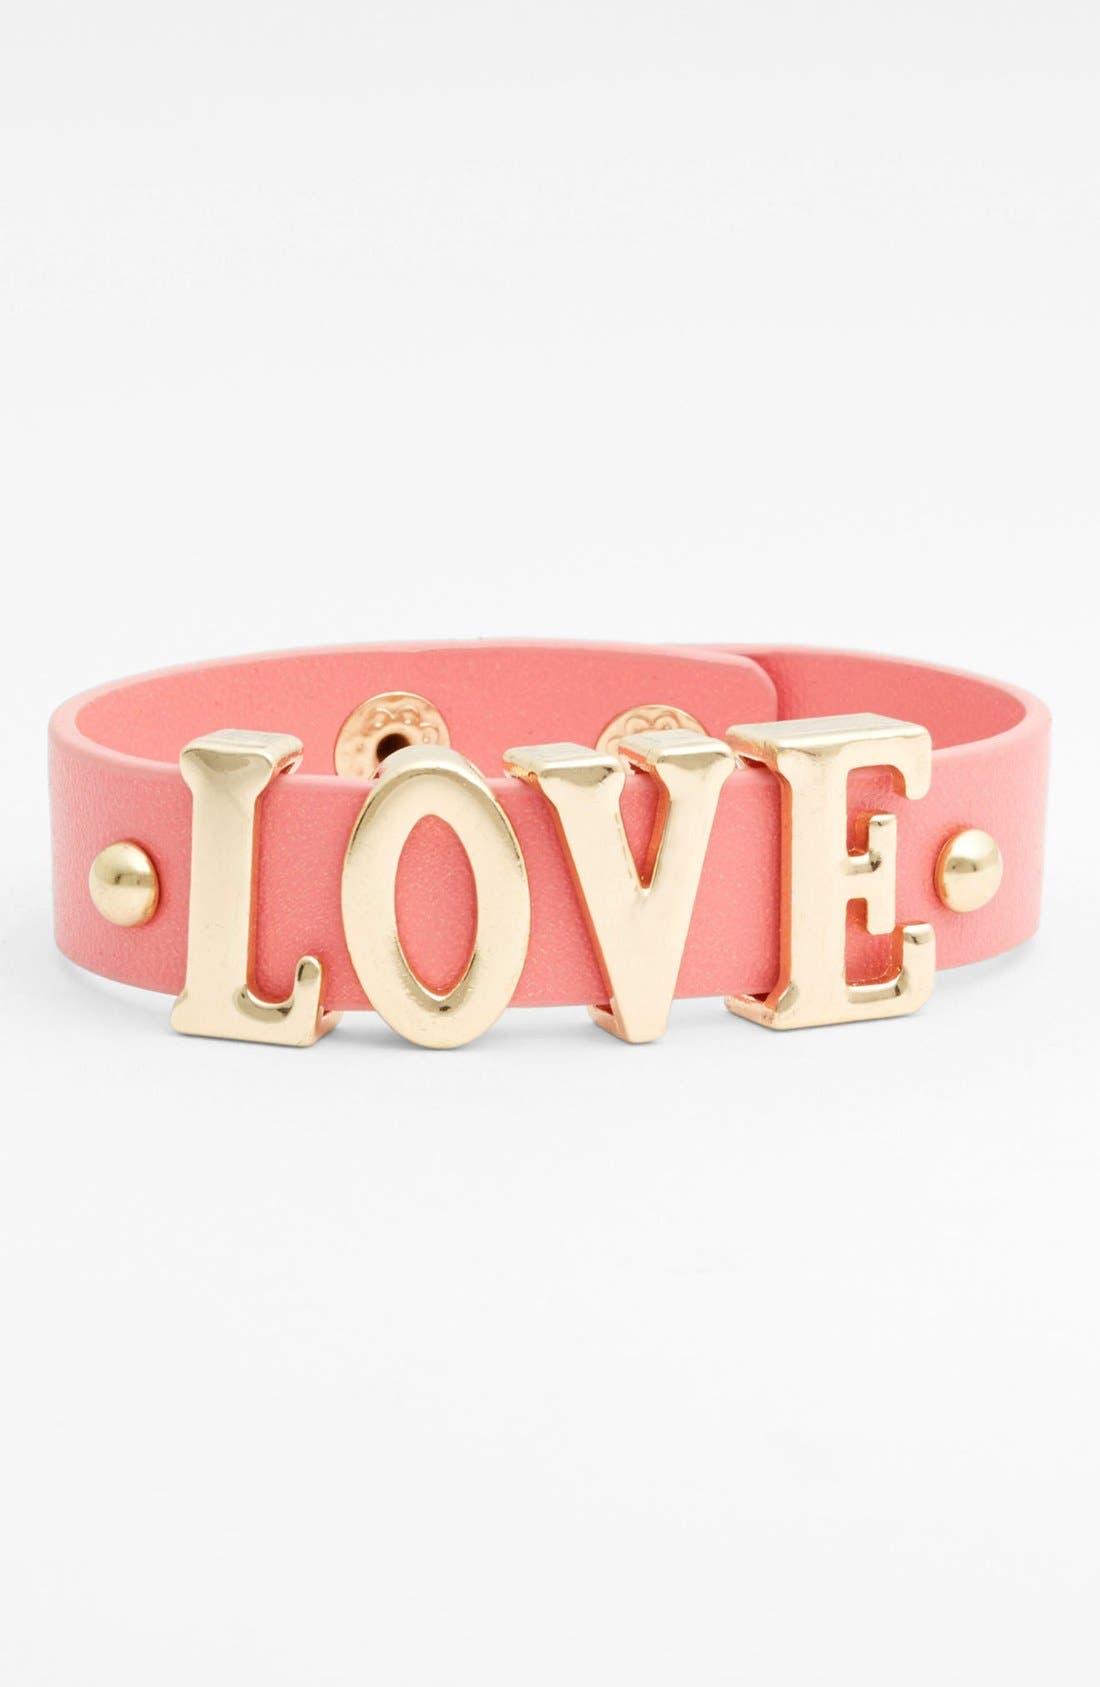 Main Image - Carole 'Love' Wrap Bracelet (Juniors) (Online Only)